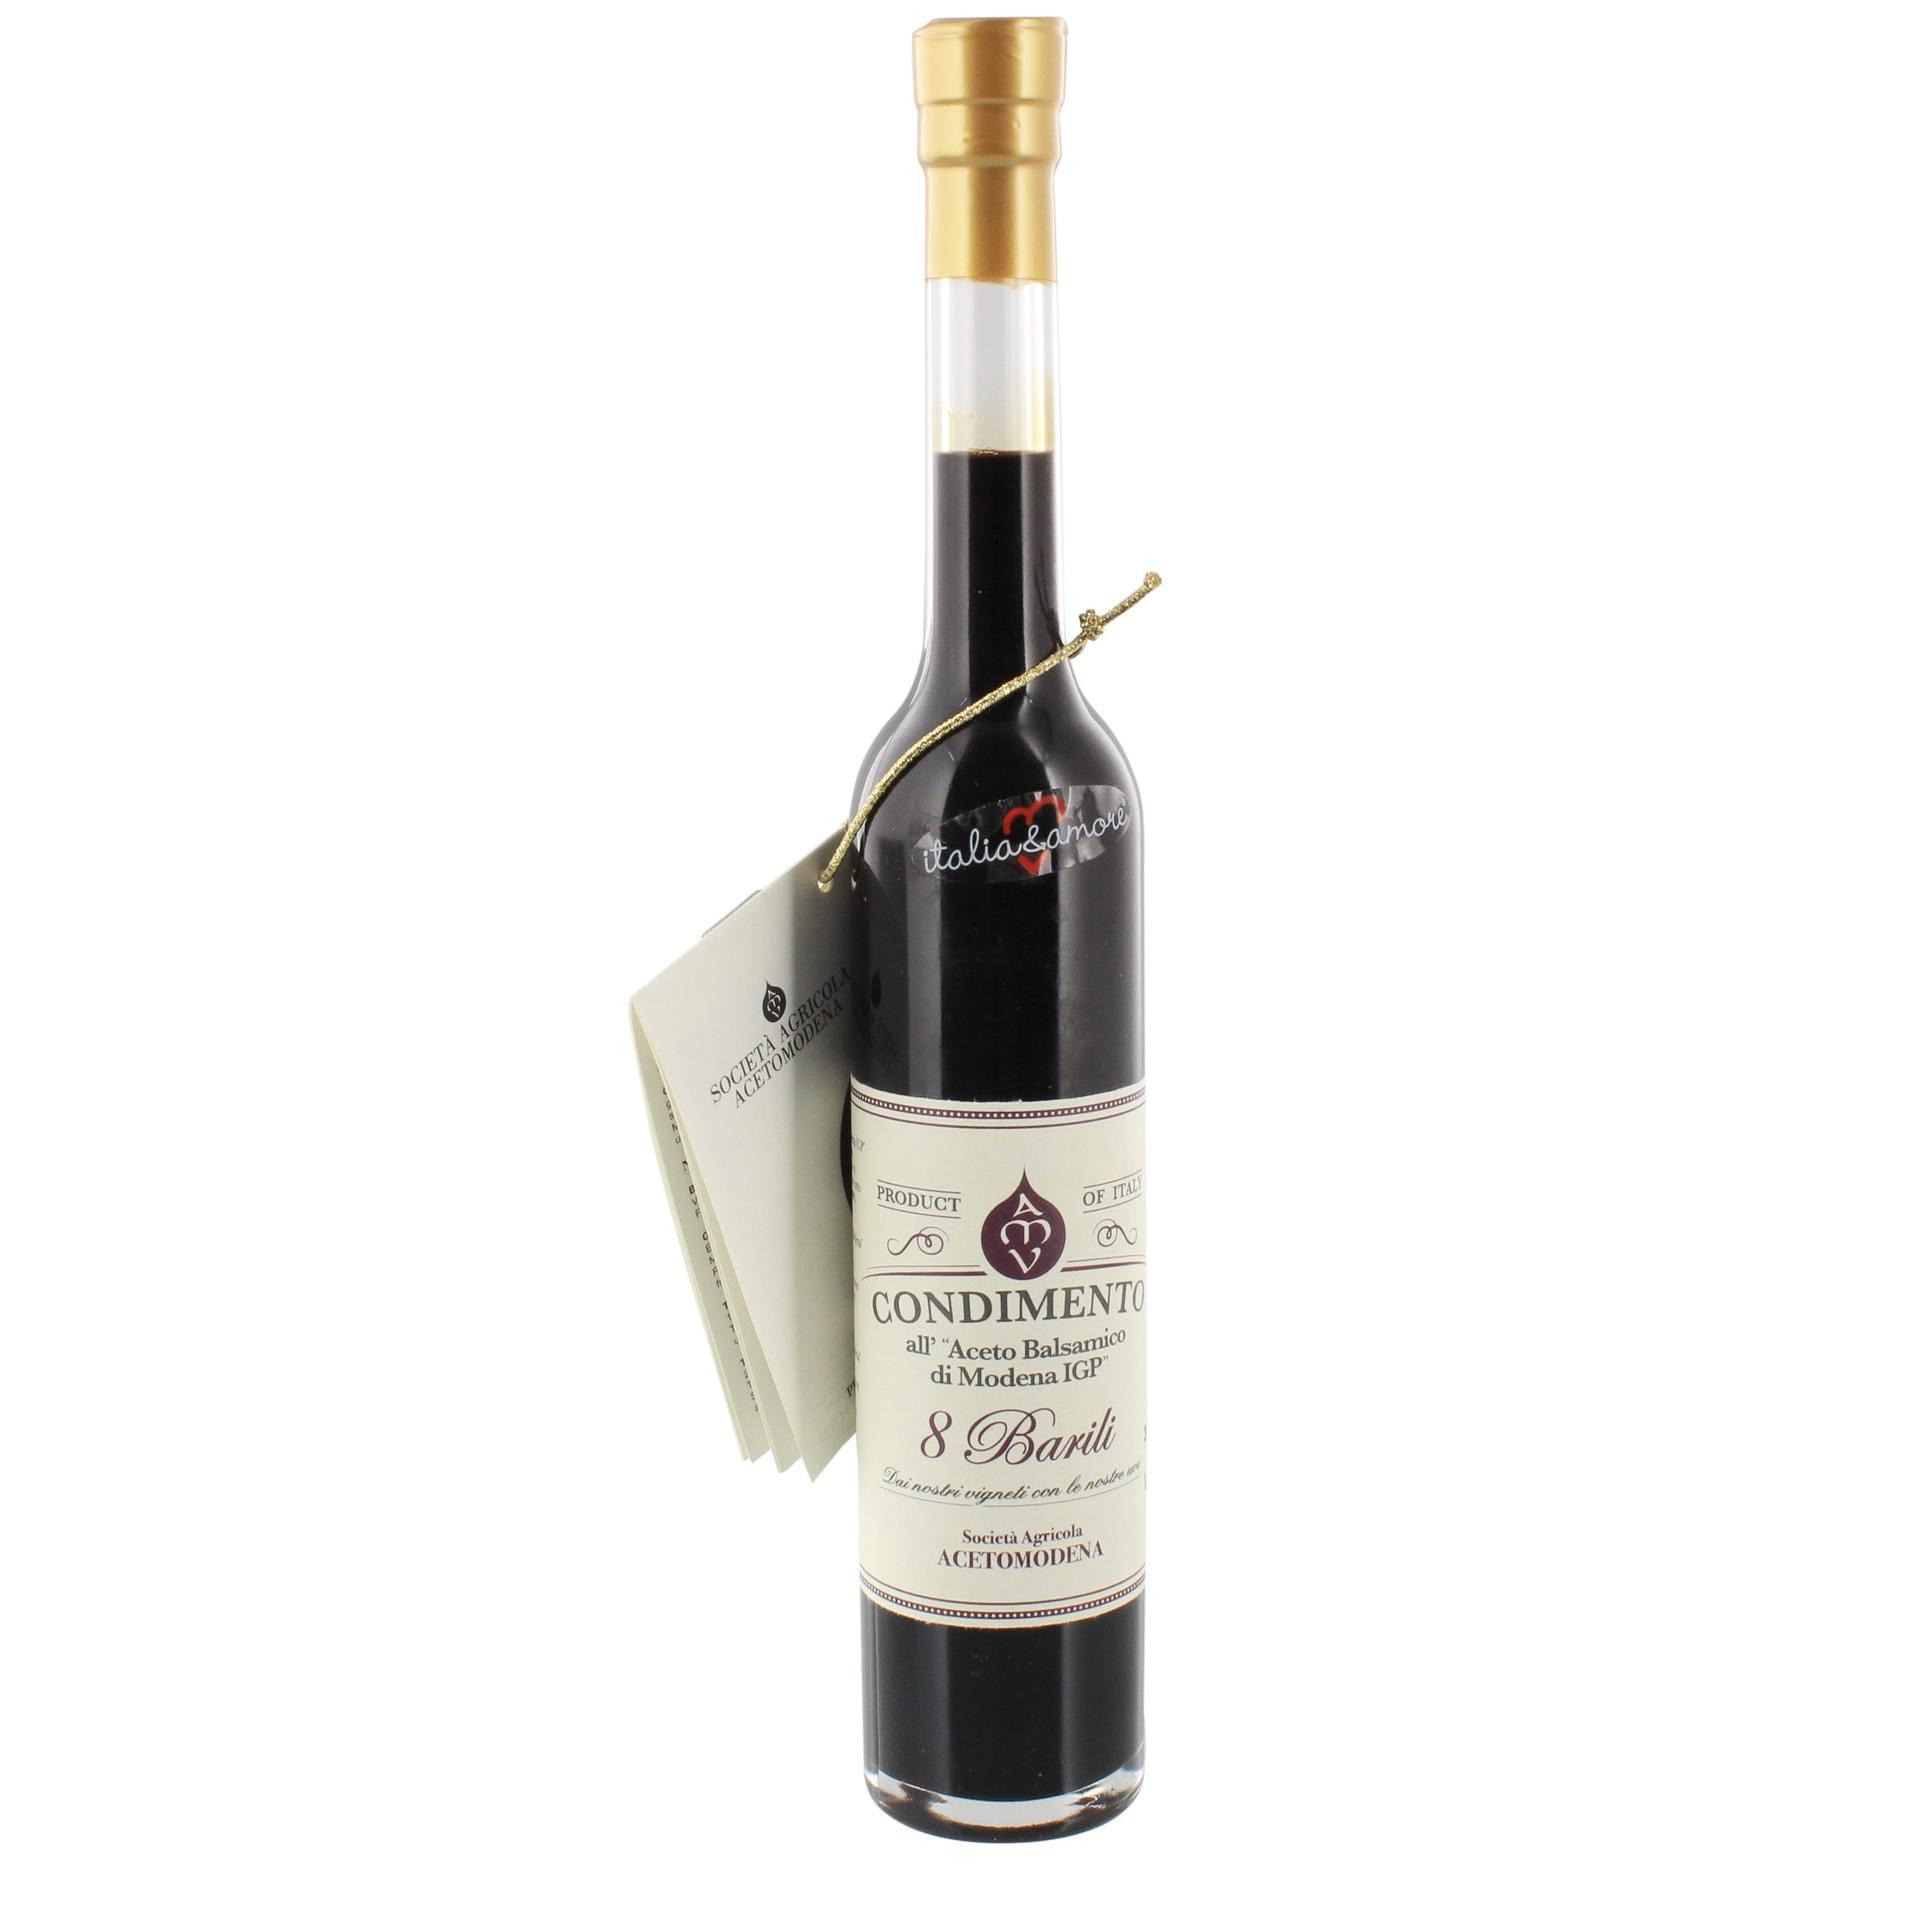 italia & amore - Condimento all Aceto Balsamico di Modena 8 Barili Essig - 100ml